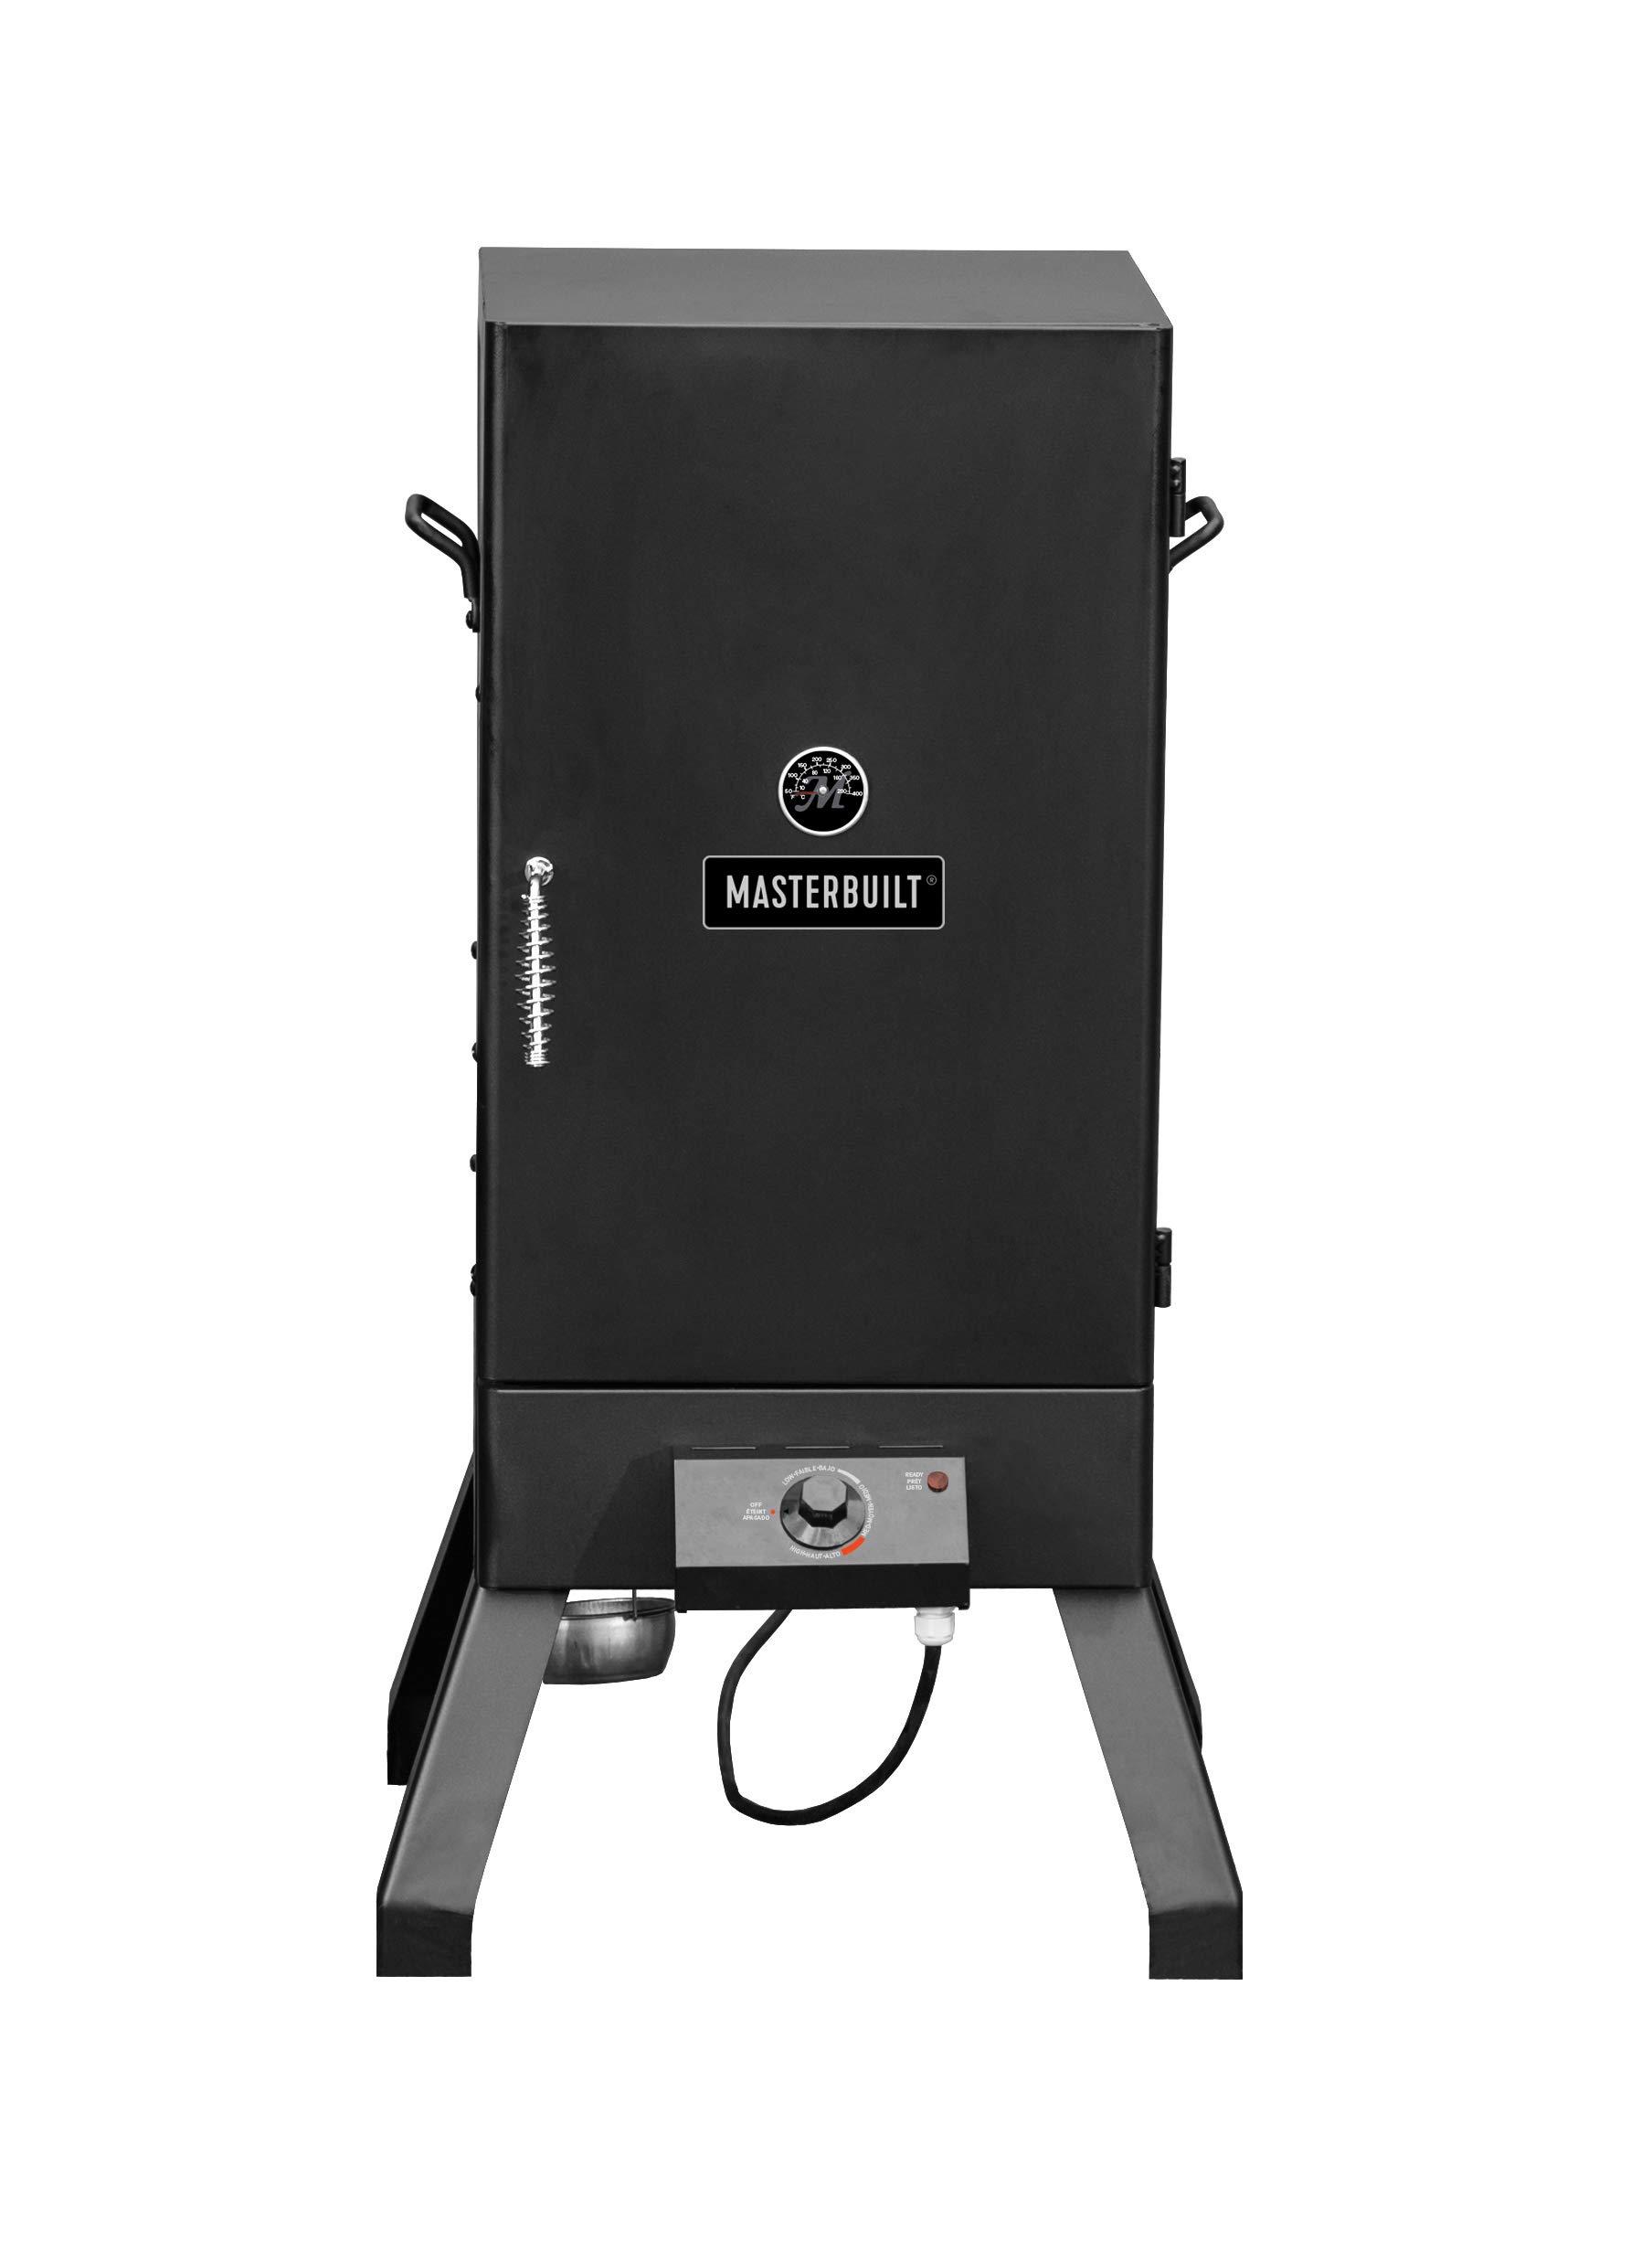 Masterbuilt MB20077618 Electric Smoker Black